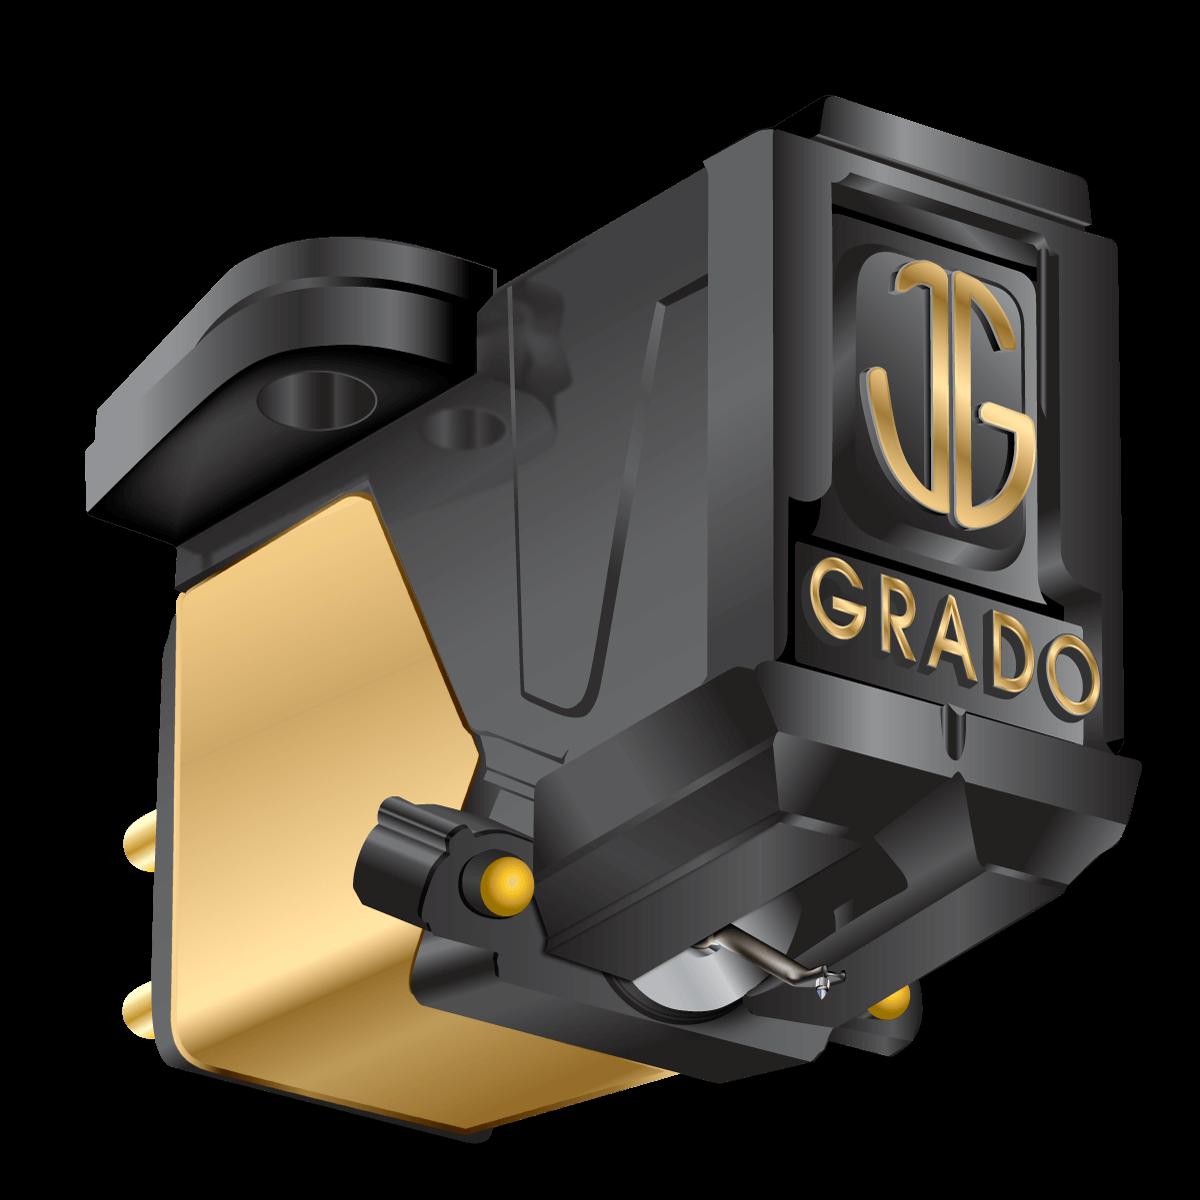 Grado Prestige Gold2 Phono Cartridge